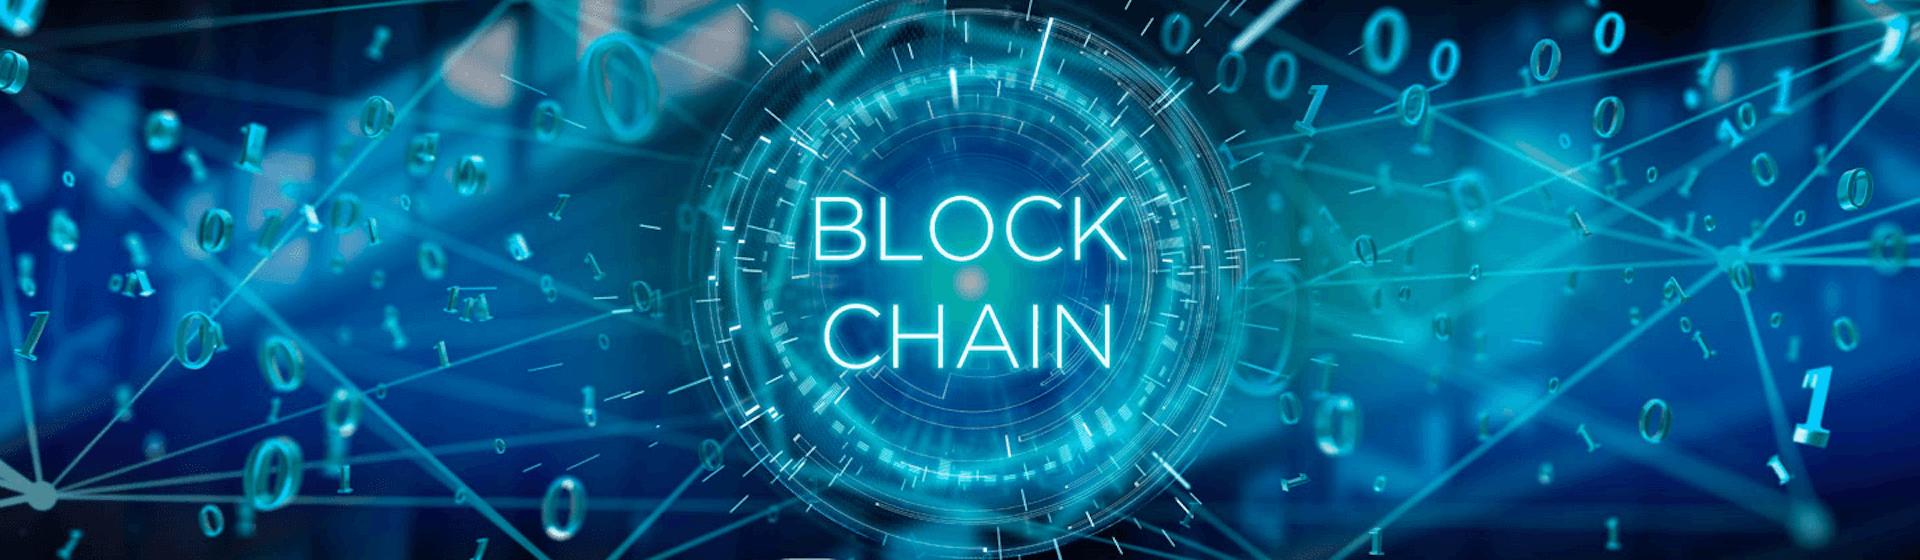 ¿Qué es Blockchain? ¡Dile adiós a las transacciones bancarias!